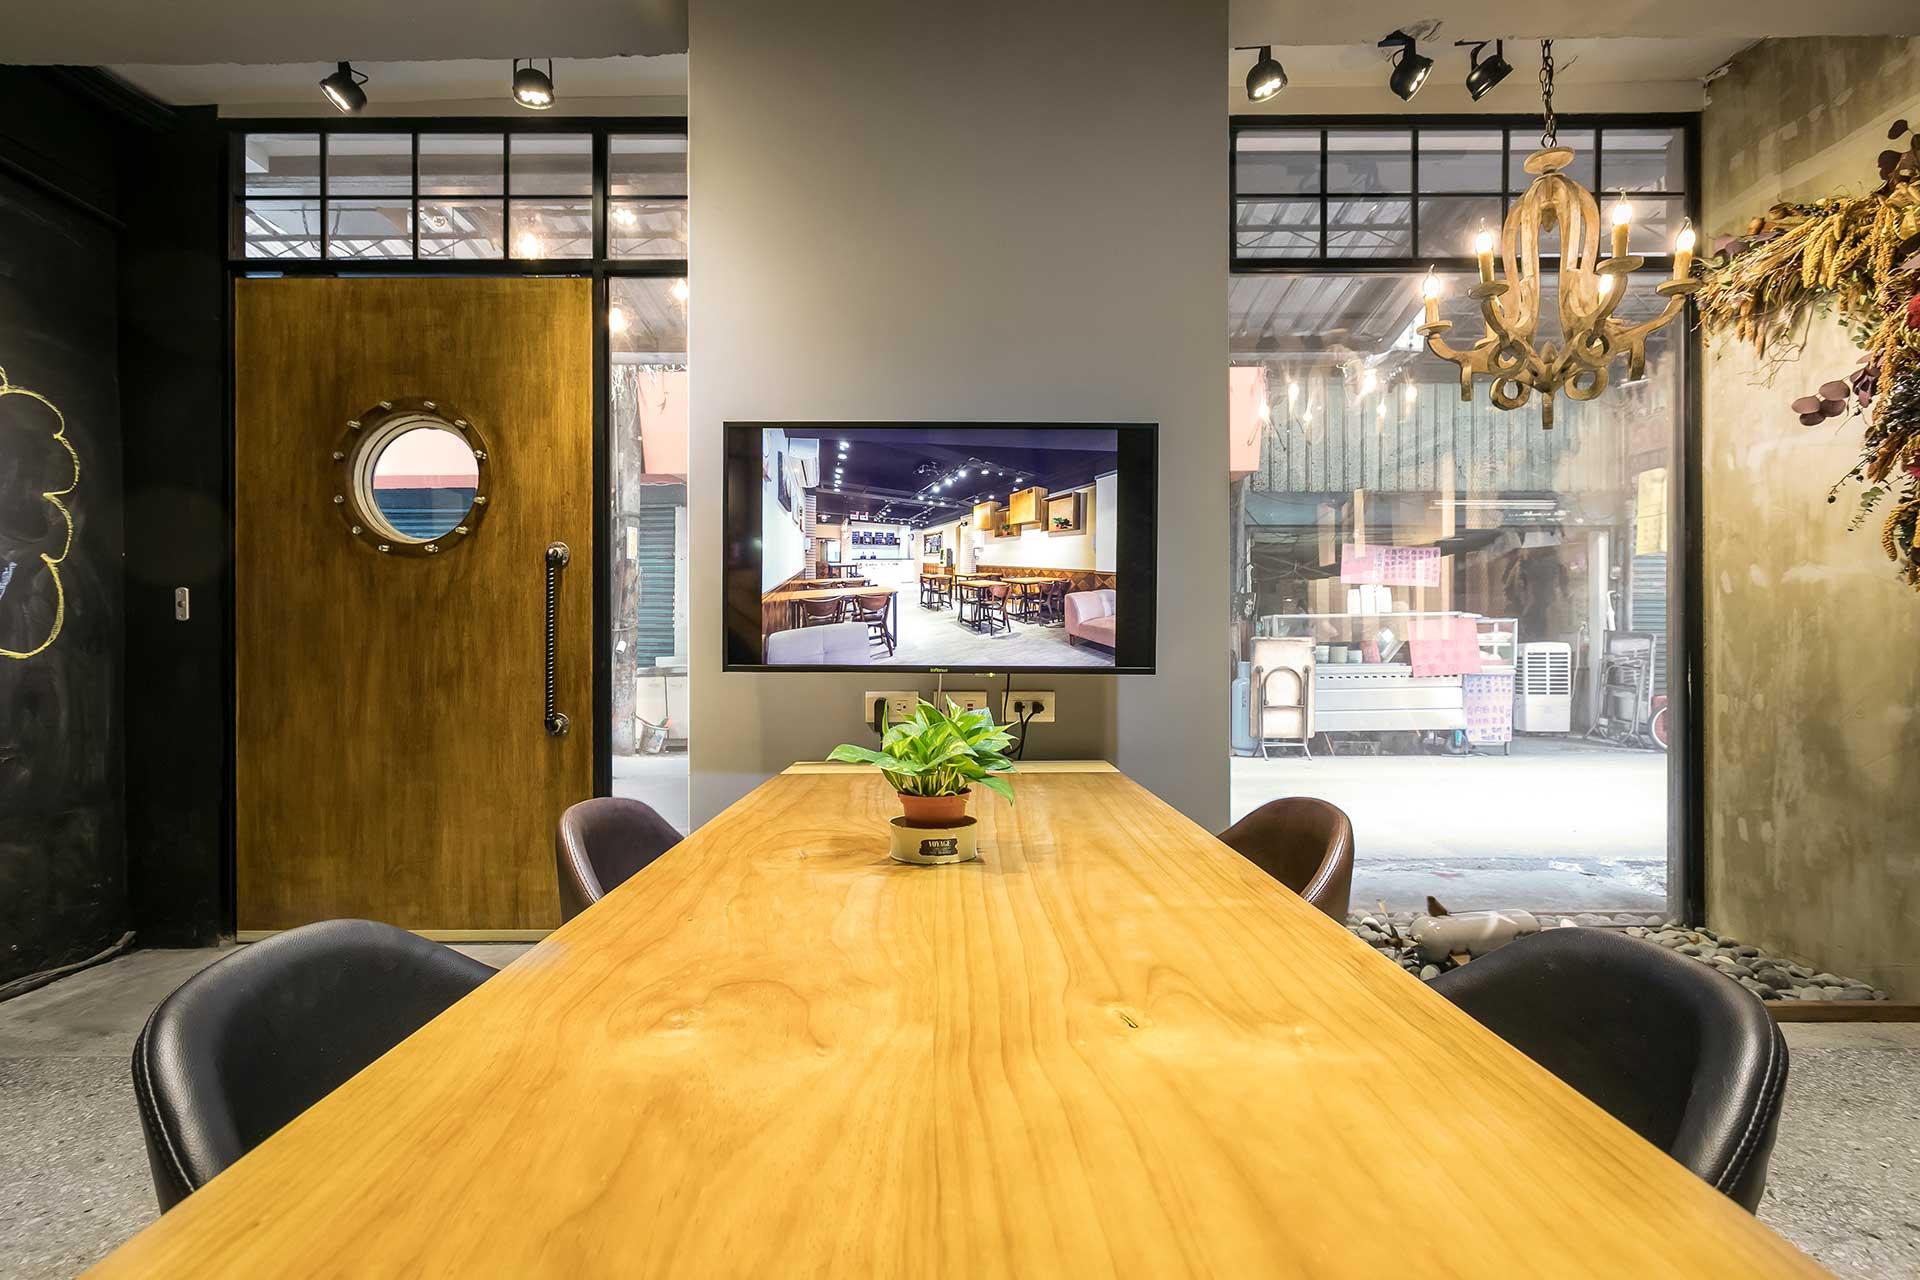 會議桌旁以平面電視擔任簡報投影功能